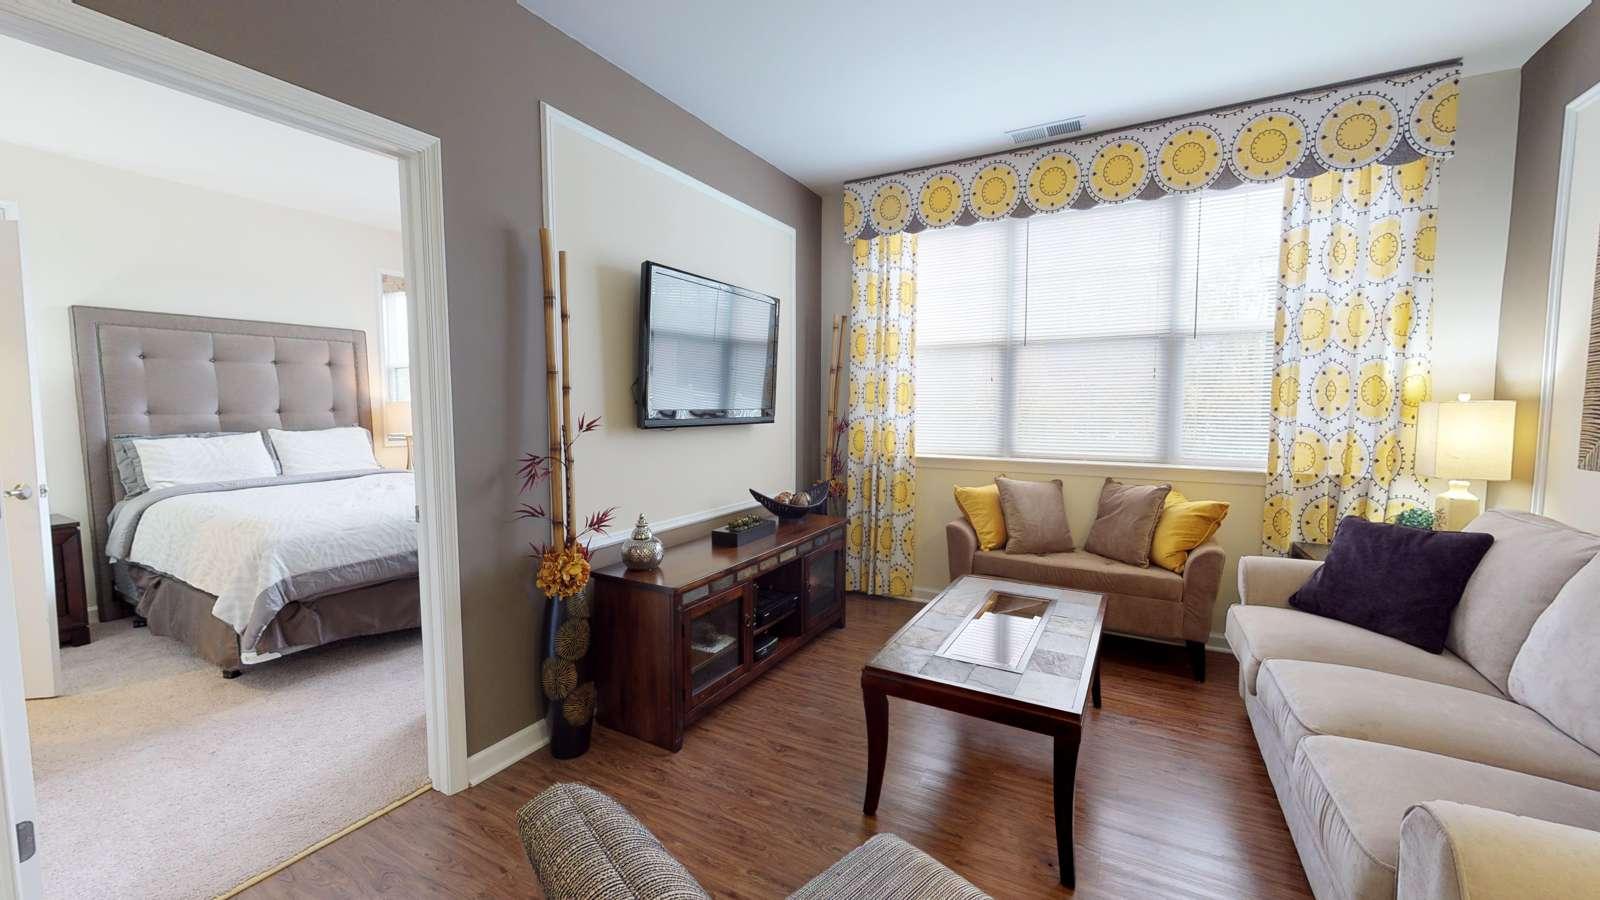 The-Villas-at-Fairways-2-Bedroom-1-Bath-10292018_110419